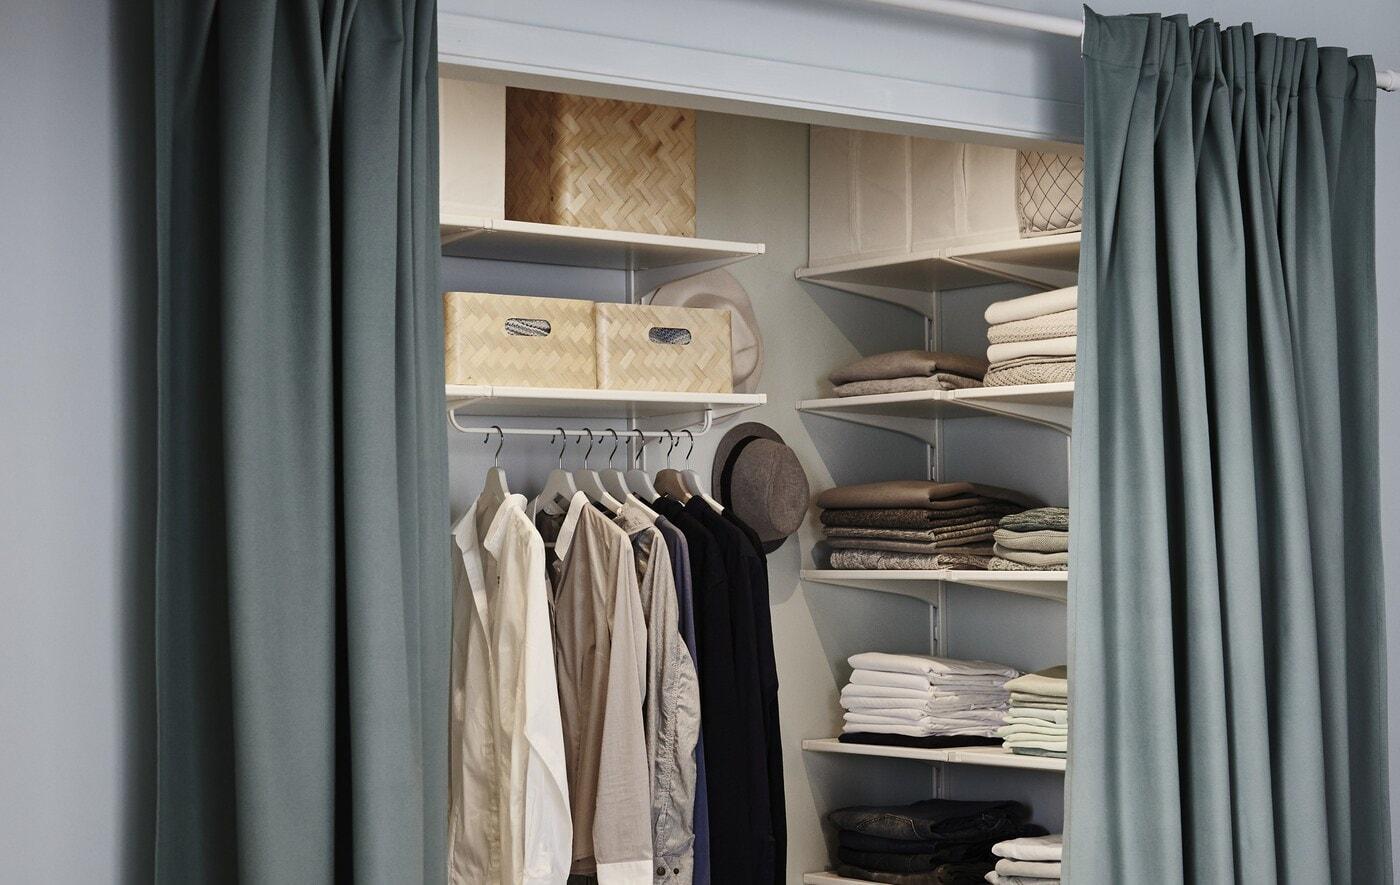 Устройте себе полноценную гардеробную с просторным местом для хранения, свежей покраской и гардиной, которая поможет замаскировать его наличие.